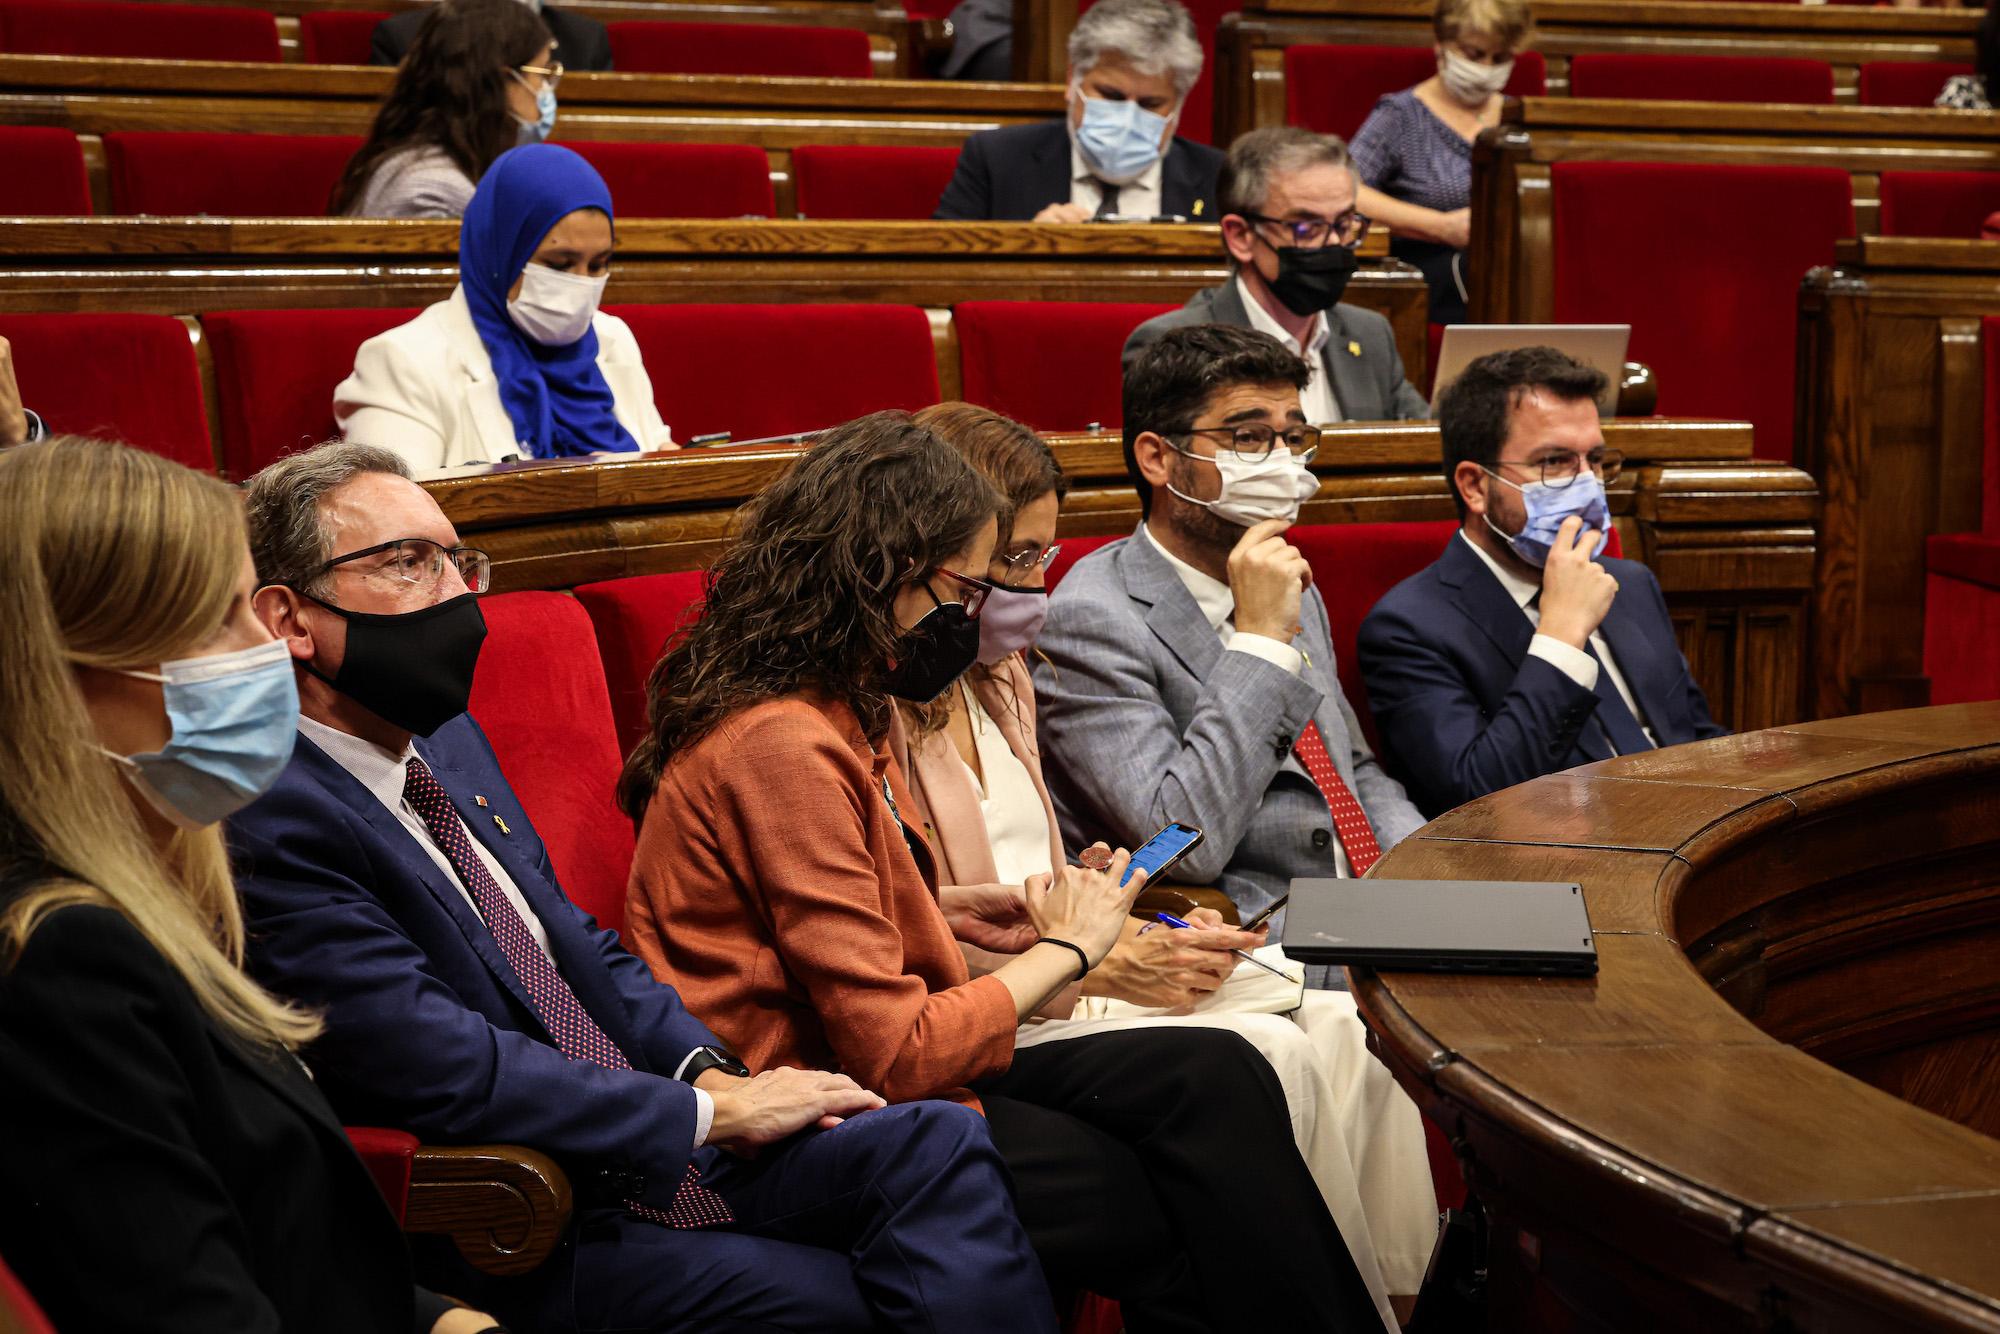 El Govern durant el debat de política general / Jordi Borràs